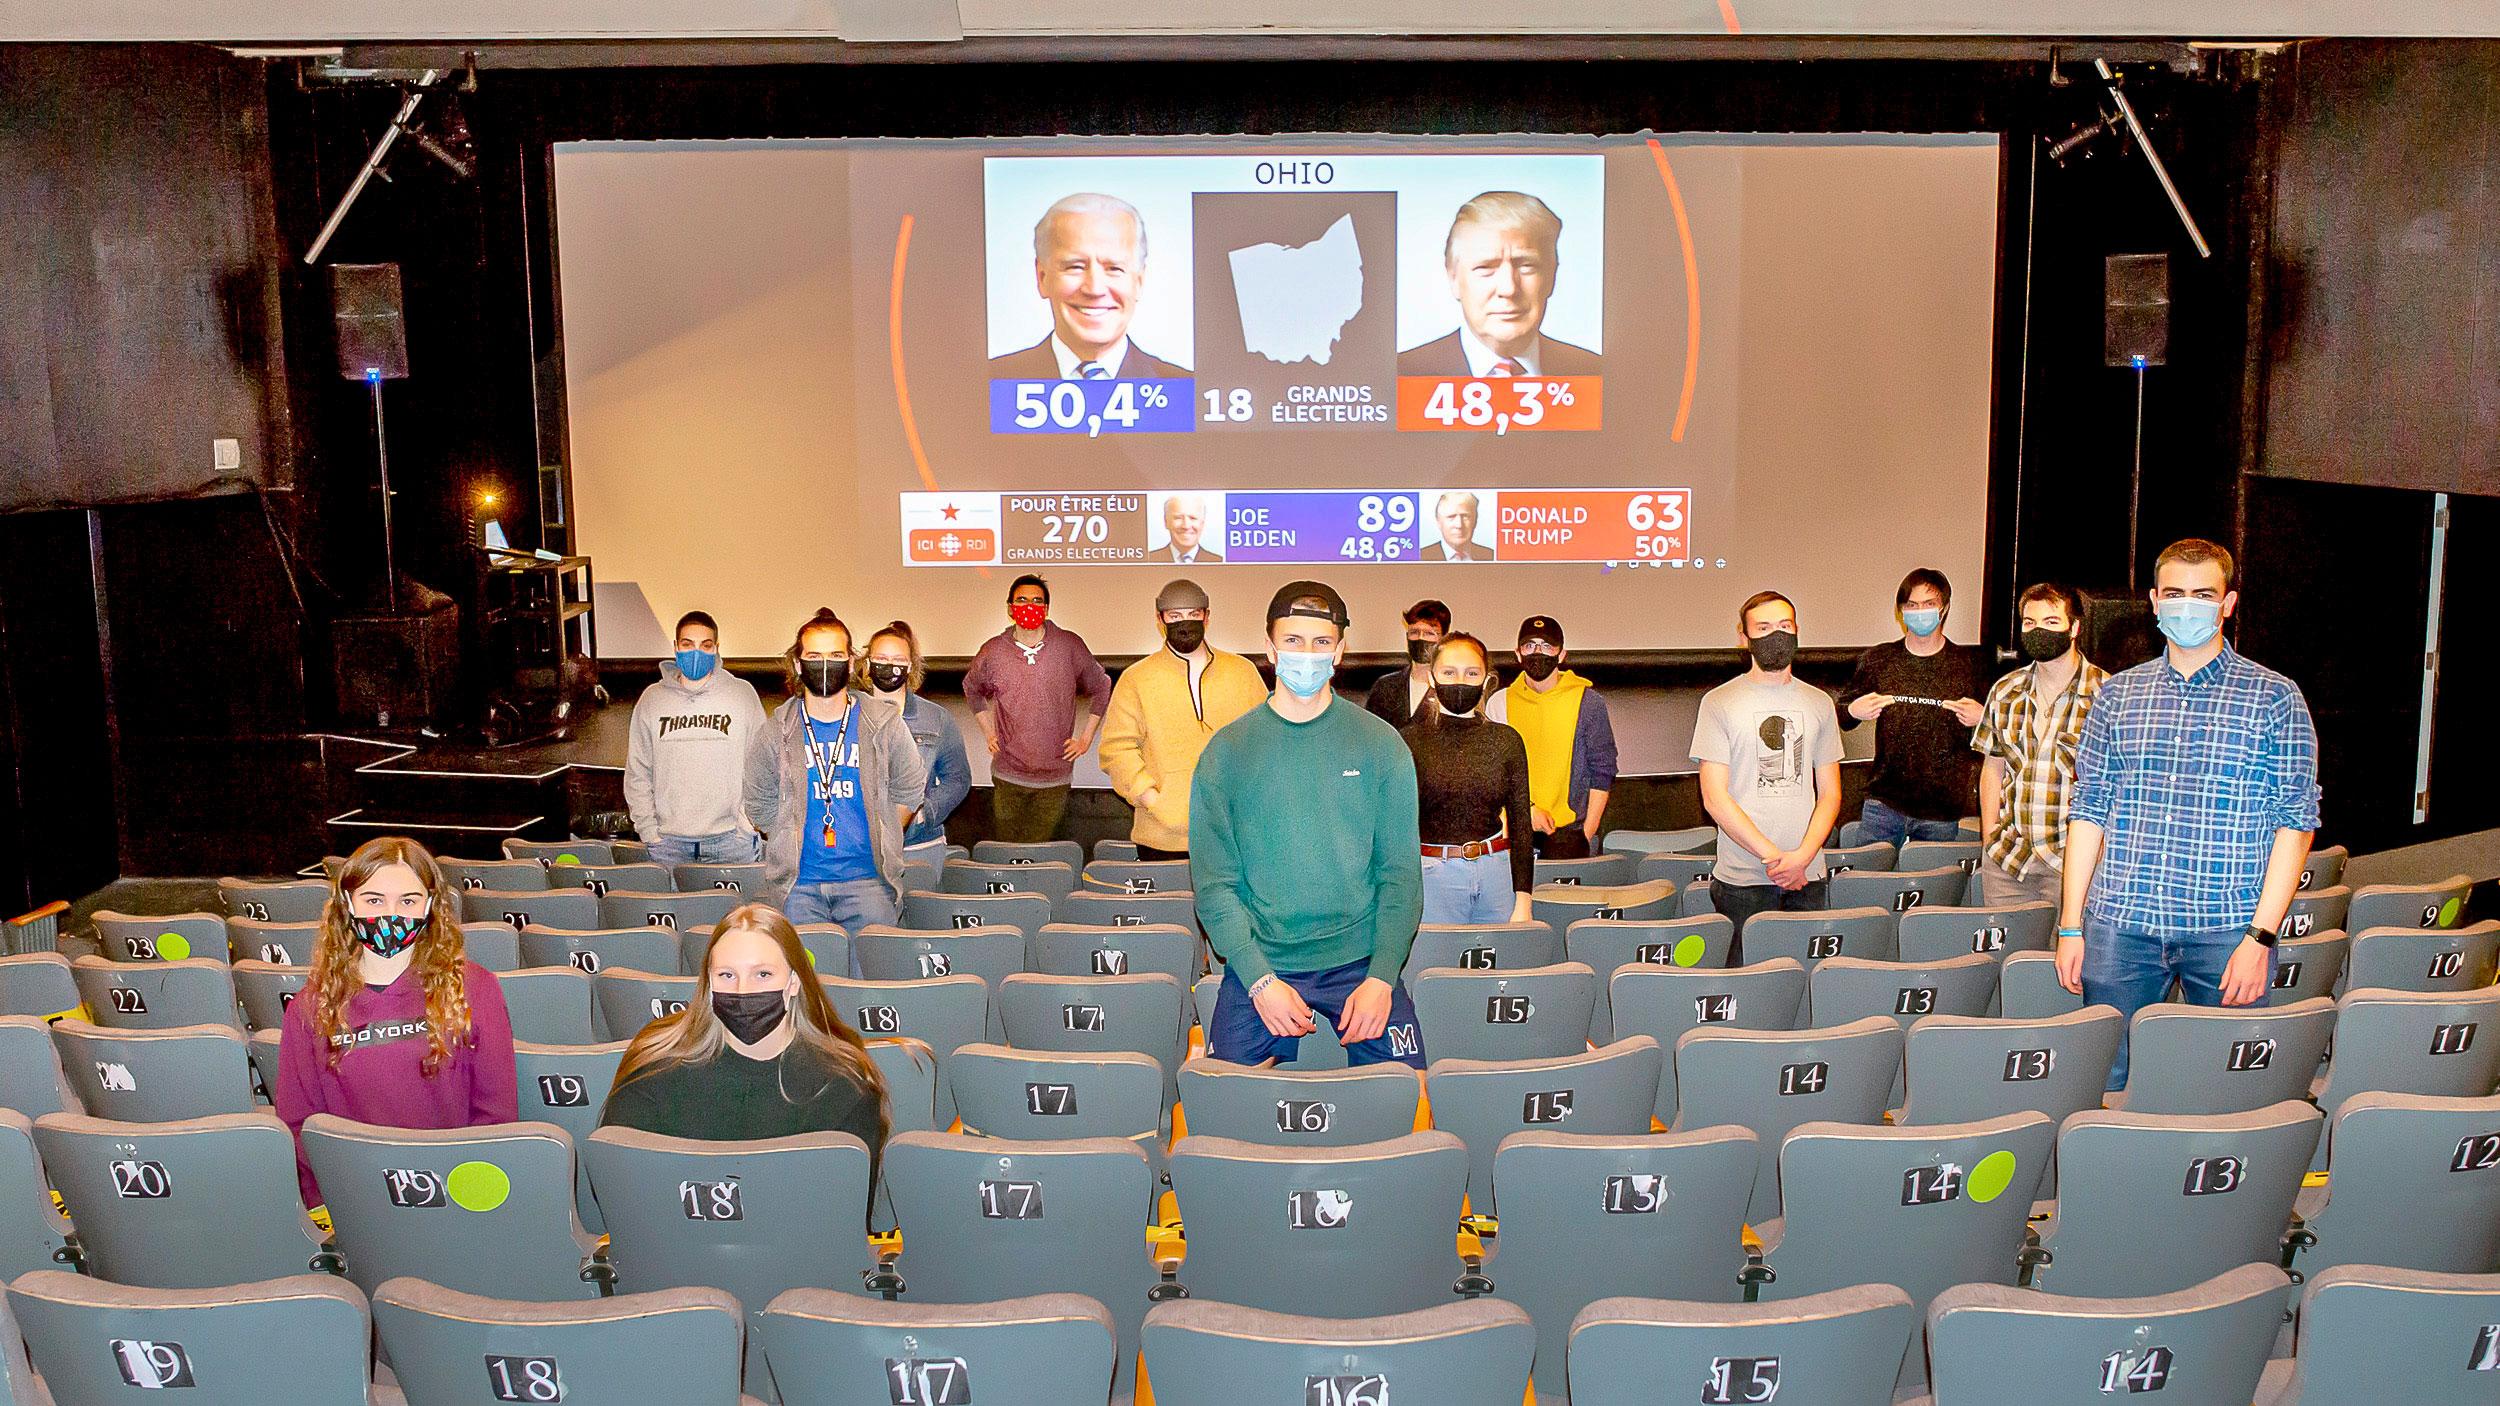 étudiants ayant participé à la soirée electorale